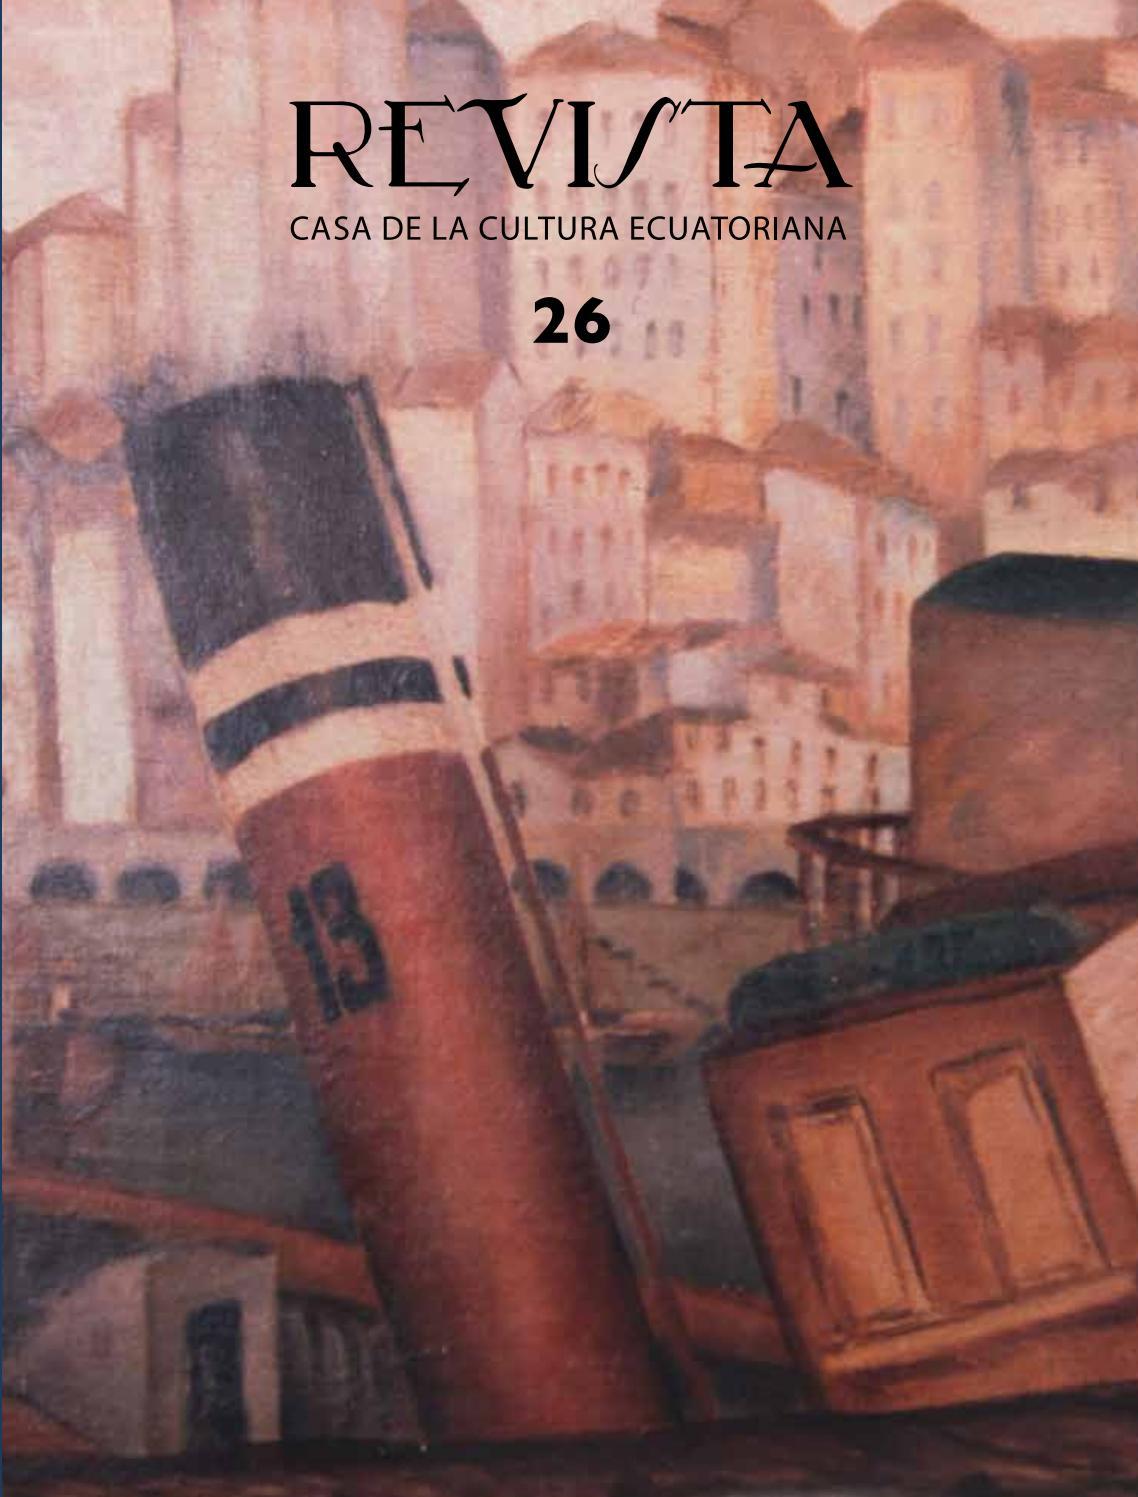 Revista de la Casa de la Cultura N26 by Revistas de la Casa de la ...